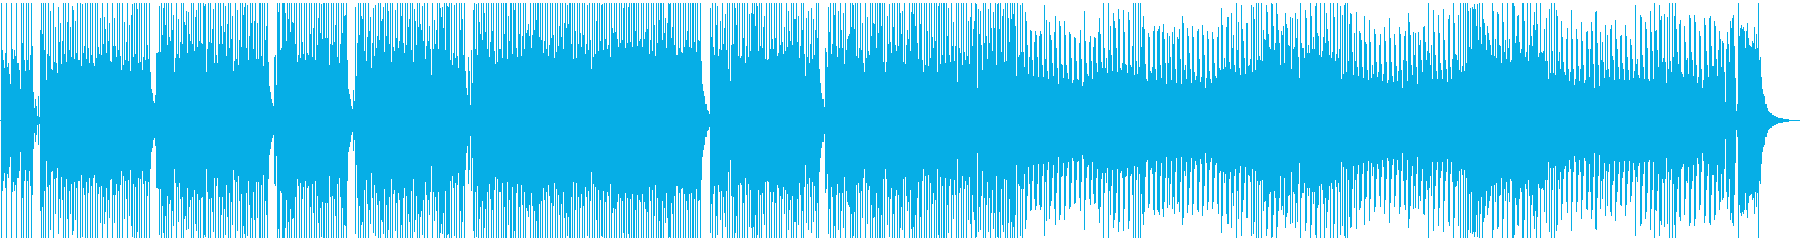 ツイスト、ロック、スカ、ハッピー、...の再生済みの波形